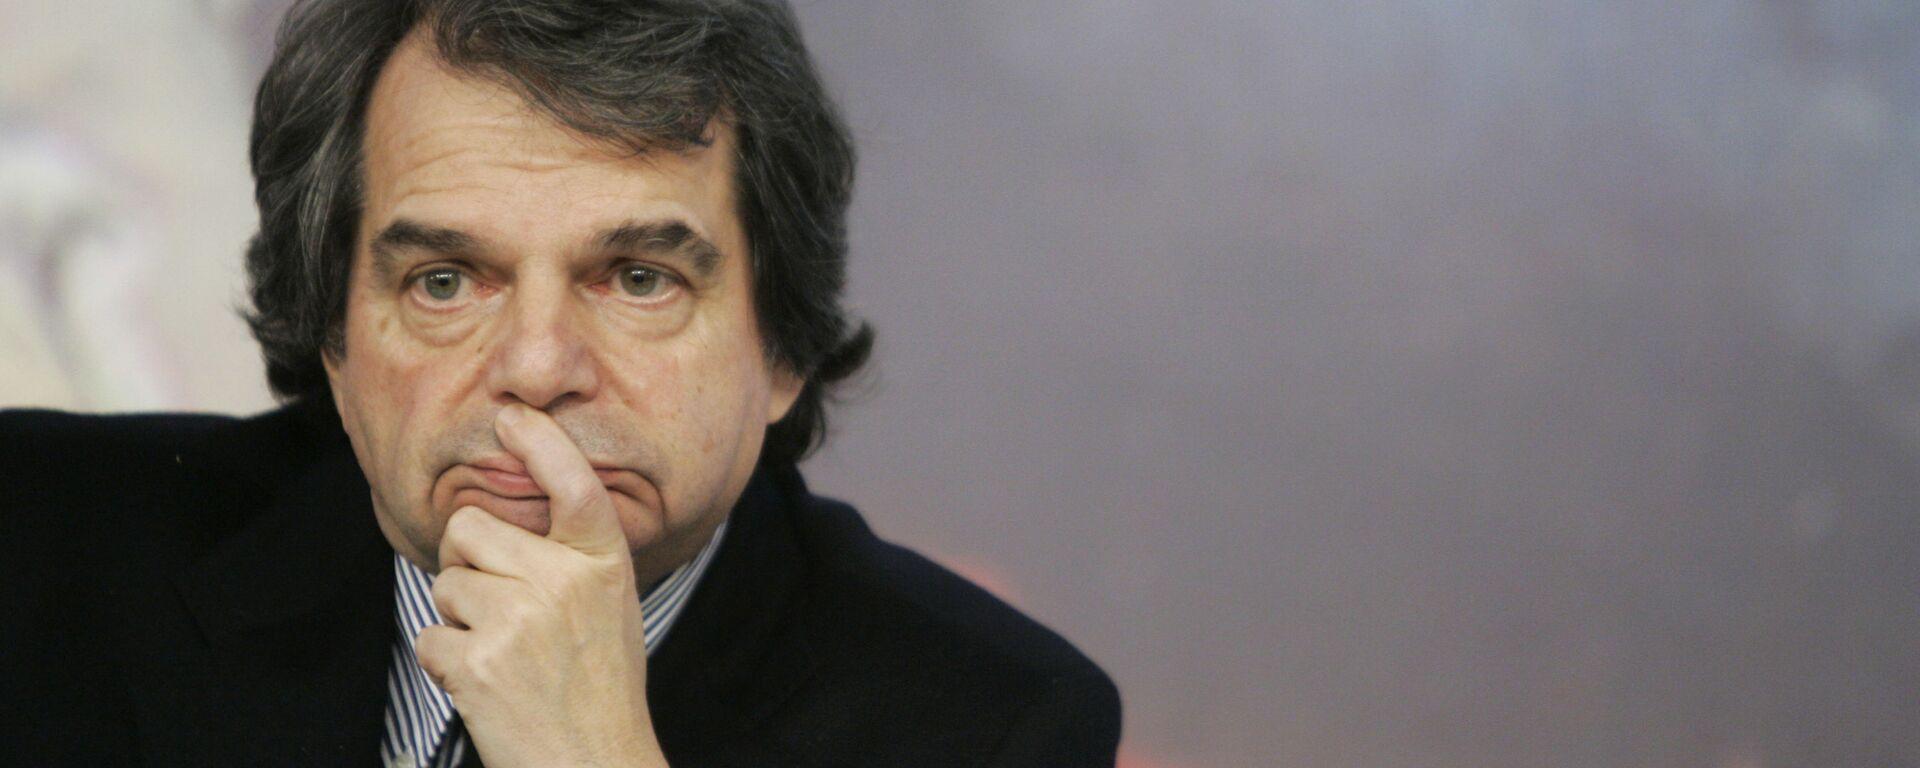 Ministro per la pubblica amministrazione nel governo Draghi, Renato Brunetta - Sputnik Italia, 1920, 30.05.2021